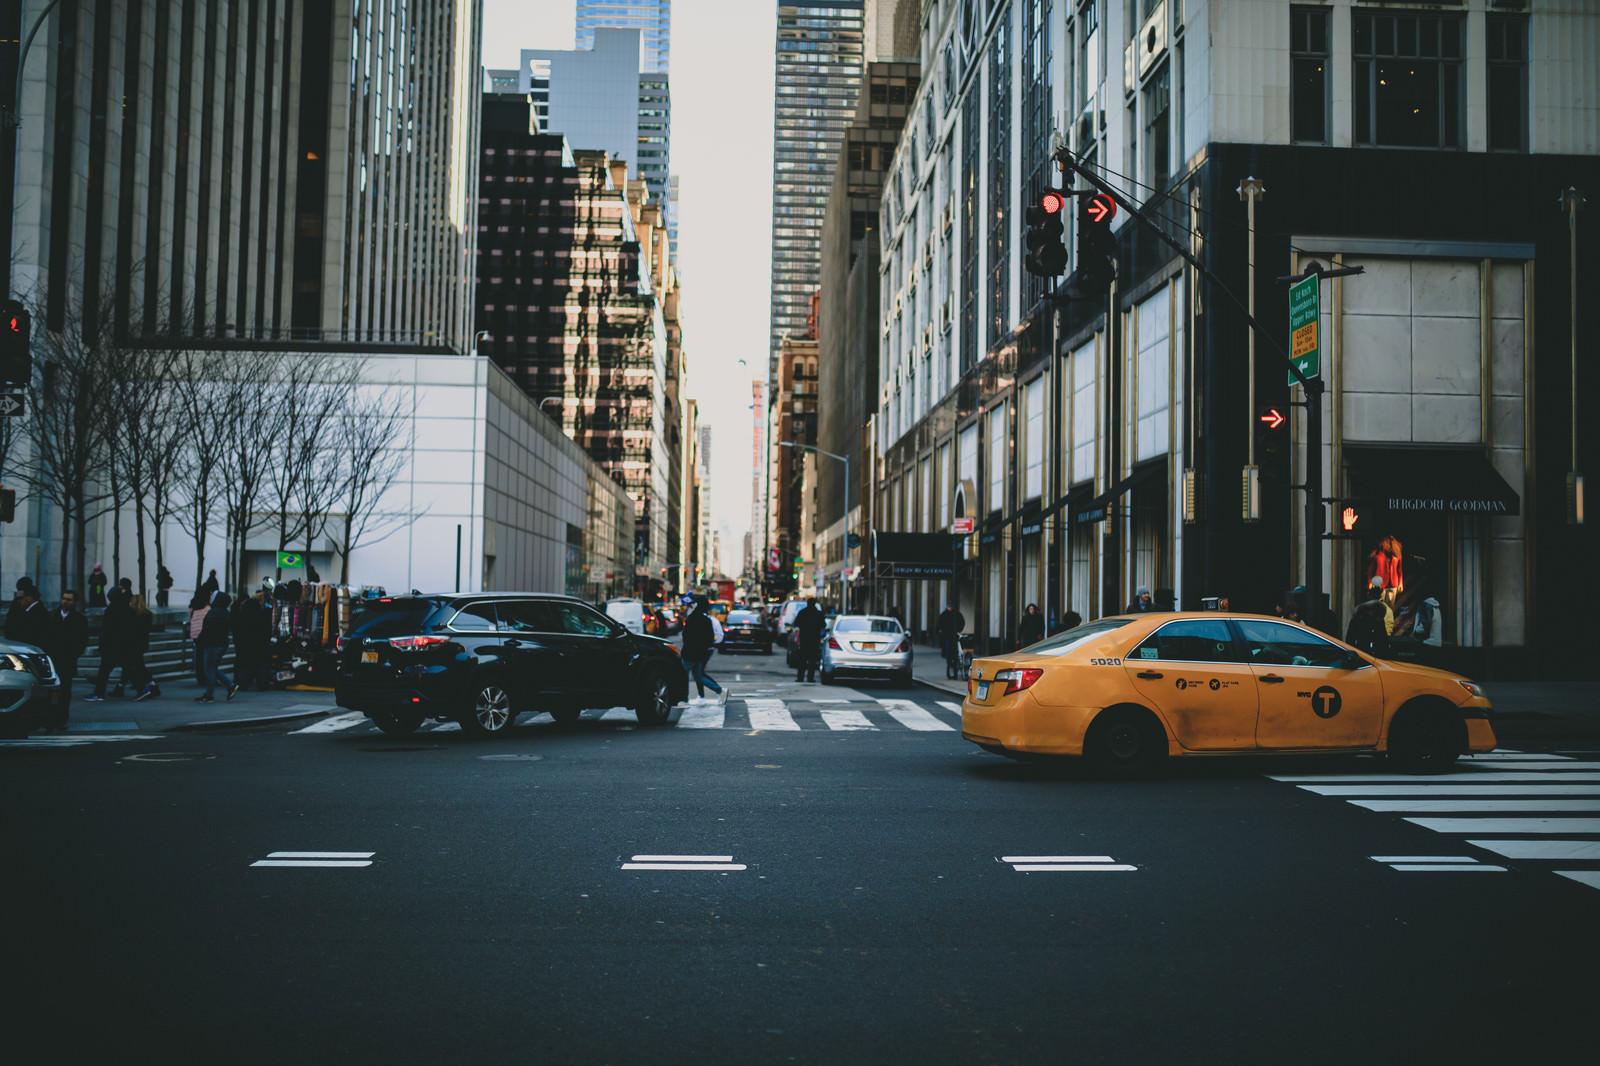 「ニューヨーク市街を走る車と街並み」の写真